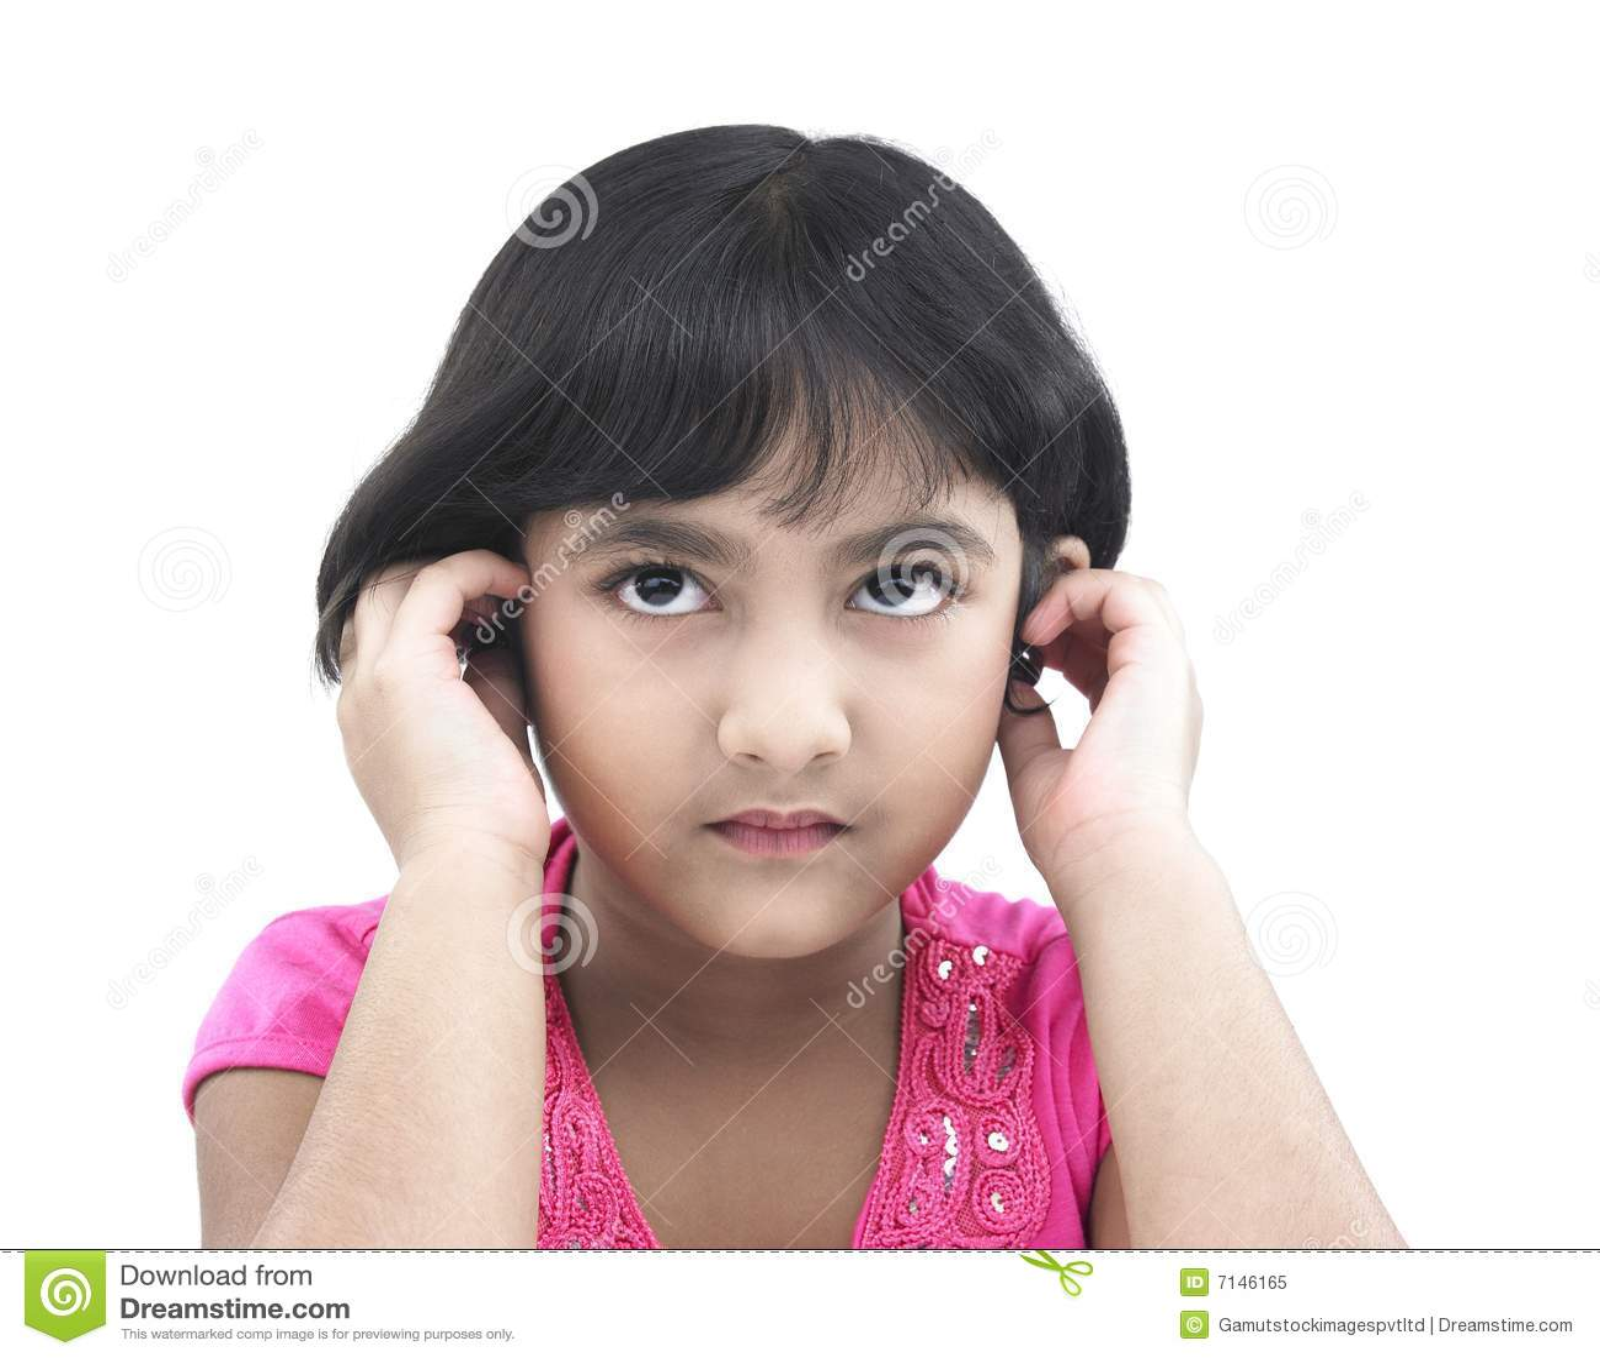 Asiatisches Mädchen des indischen Ursprung mit Kopfhörer